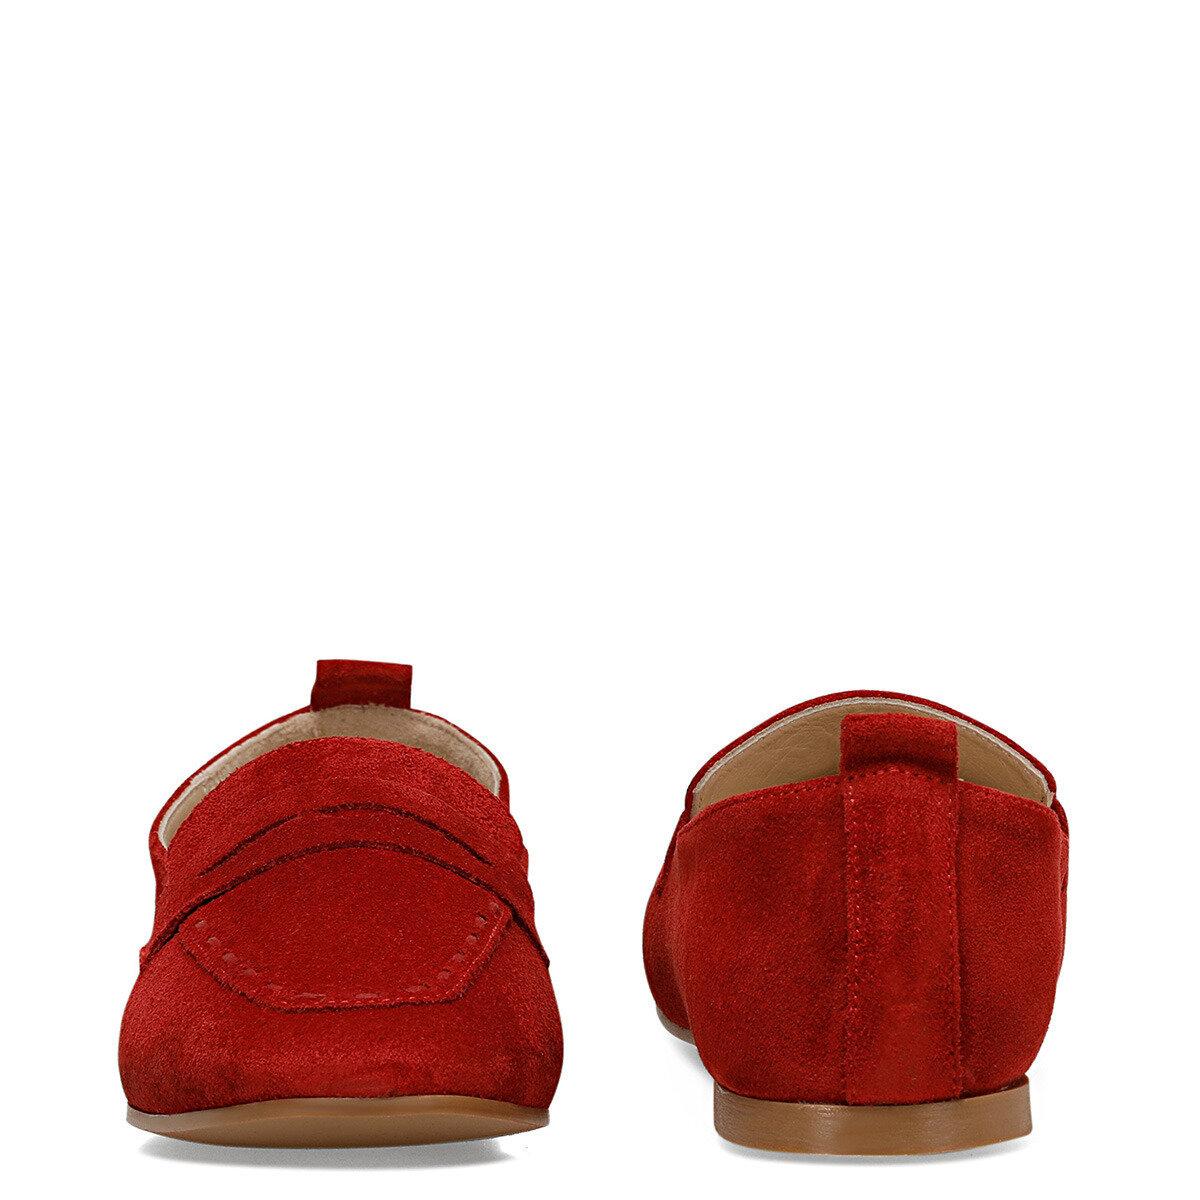 BAILEEN2 Kırmızı Kadın Loafer Ayakkabı